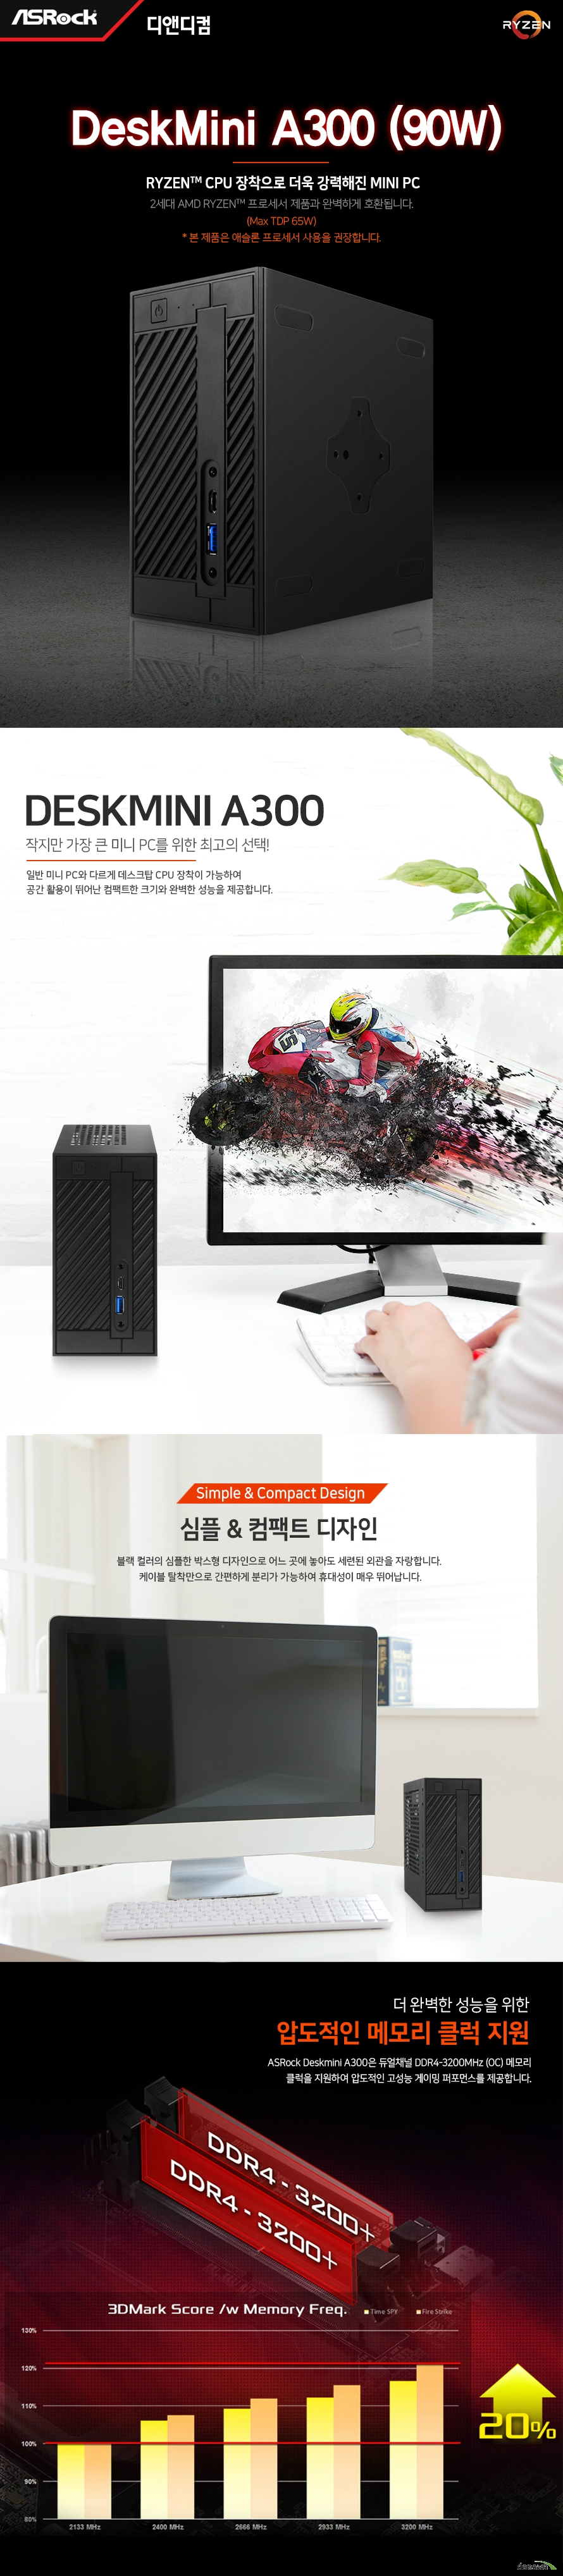 ASRock DeskMini A300 2200G 90W M2 Win10Pro (8GB, M2 256GB + 1TB)